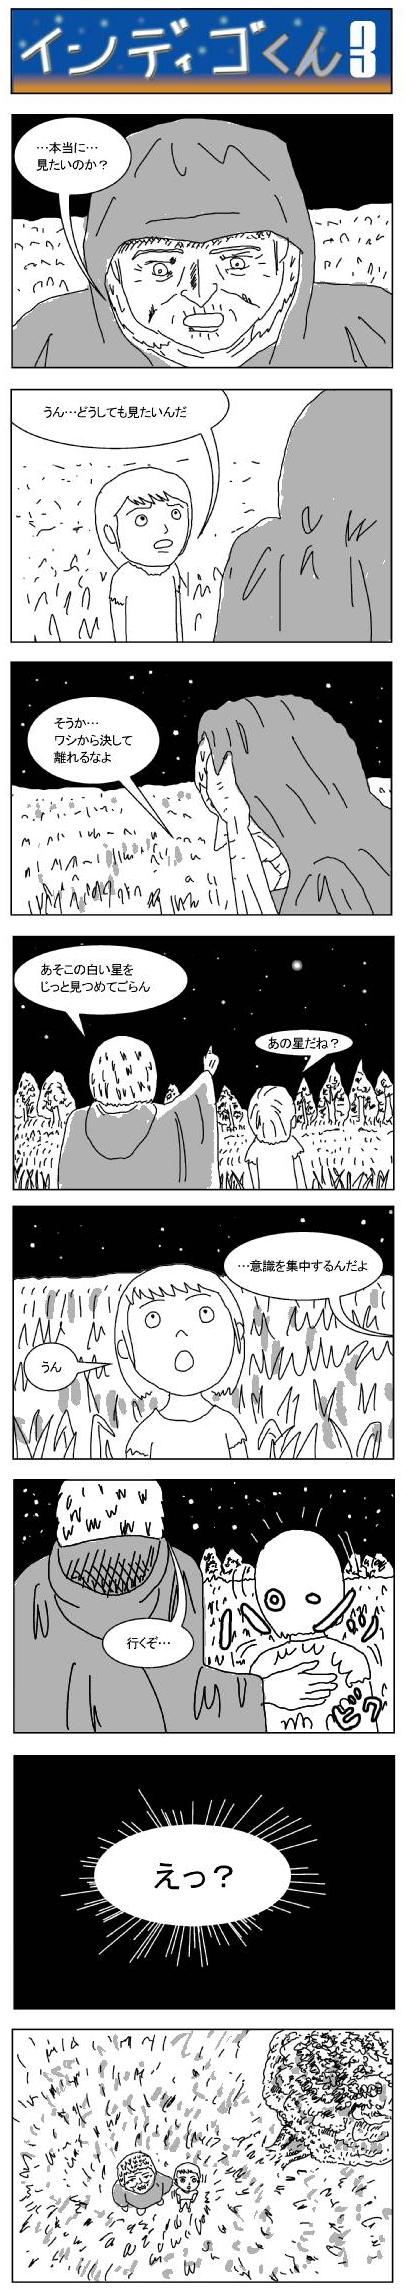 インディゴくん3_1